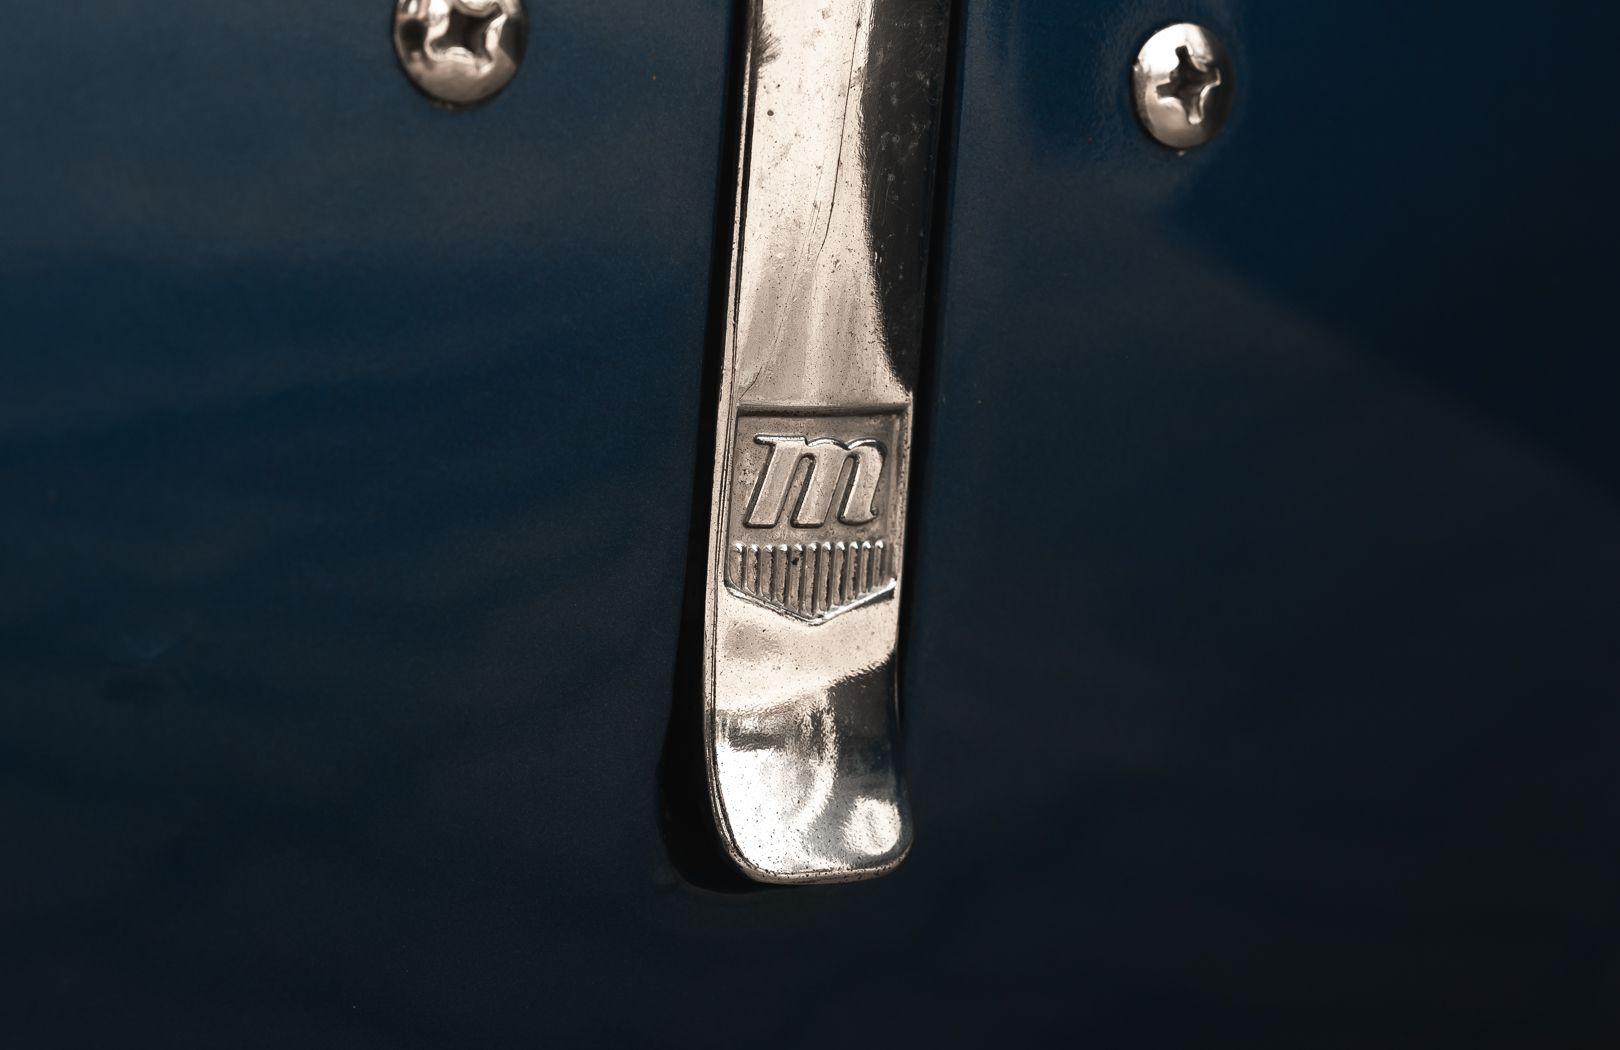 1965 Shelby Cobra Daytona Coupé Replica 84264